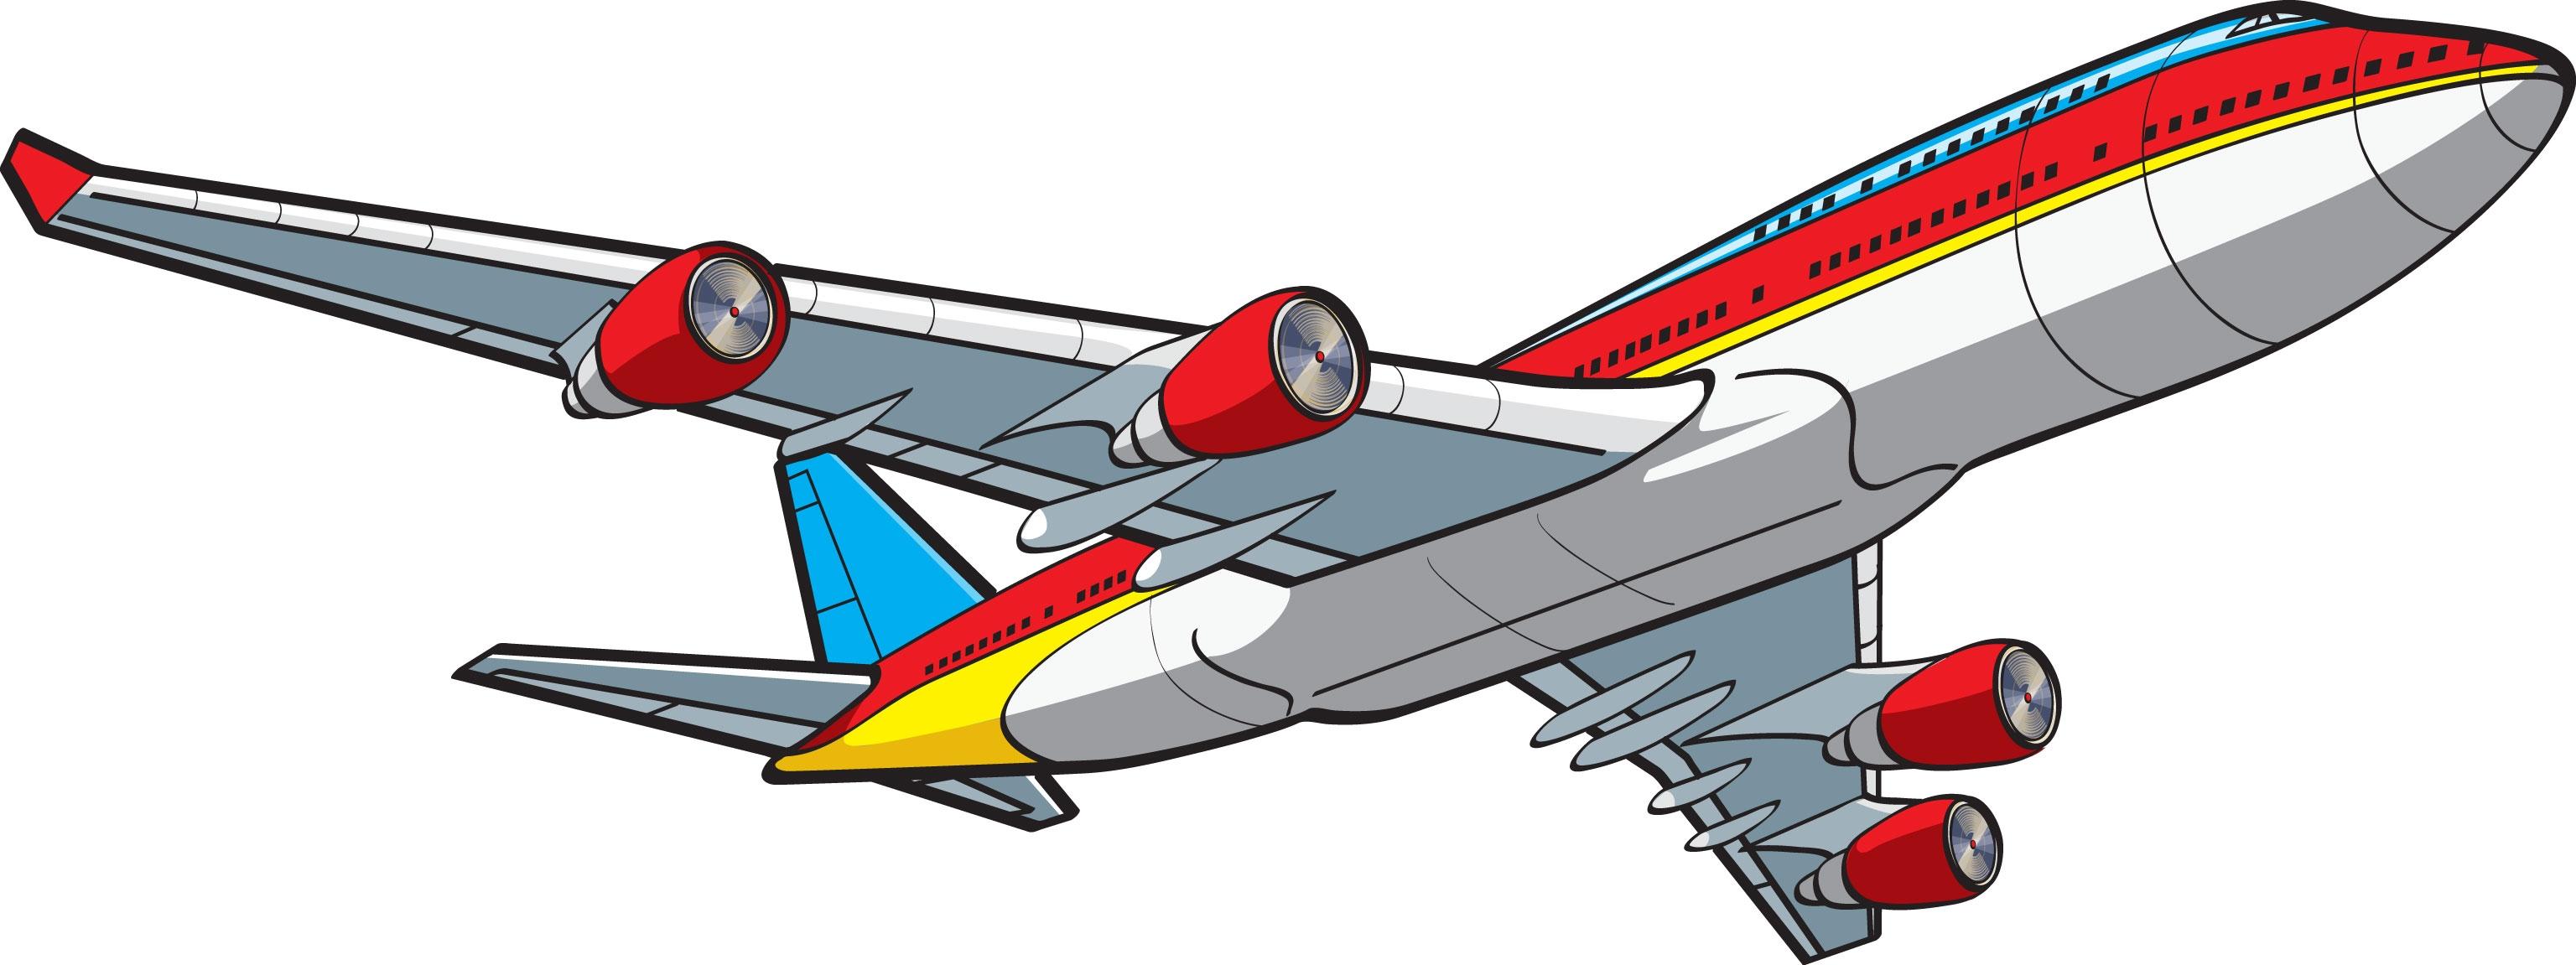 Jet Clipart & Jet Clip Art Images.